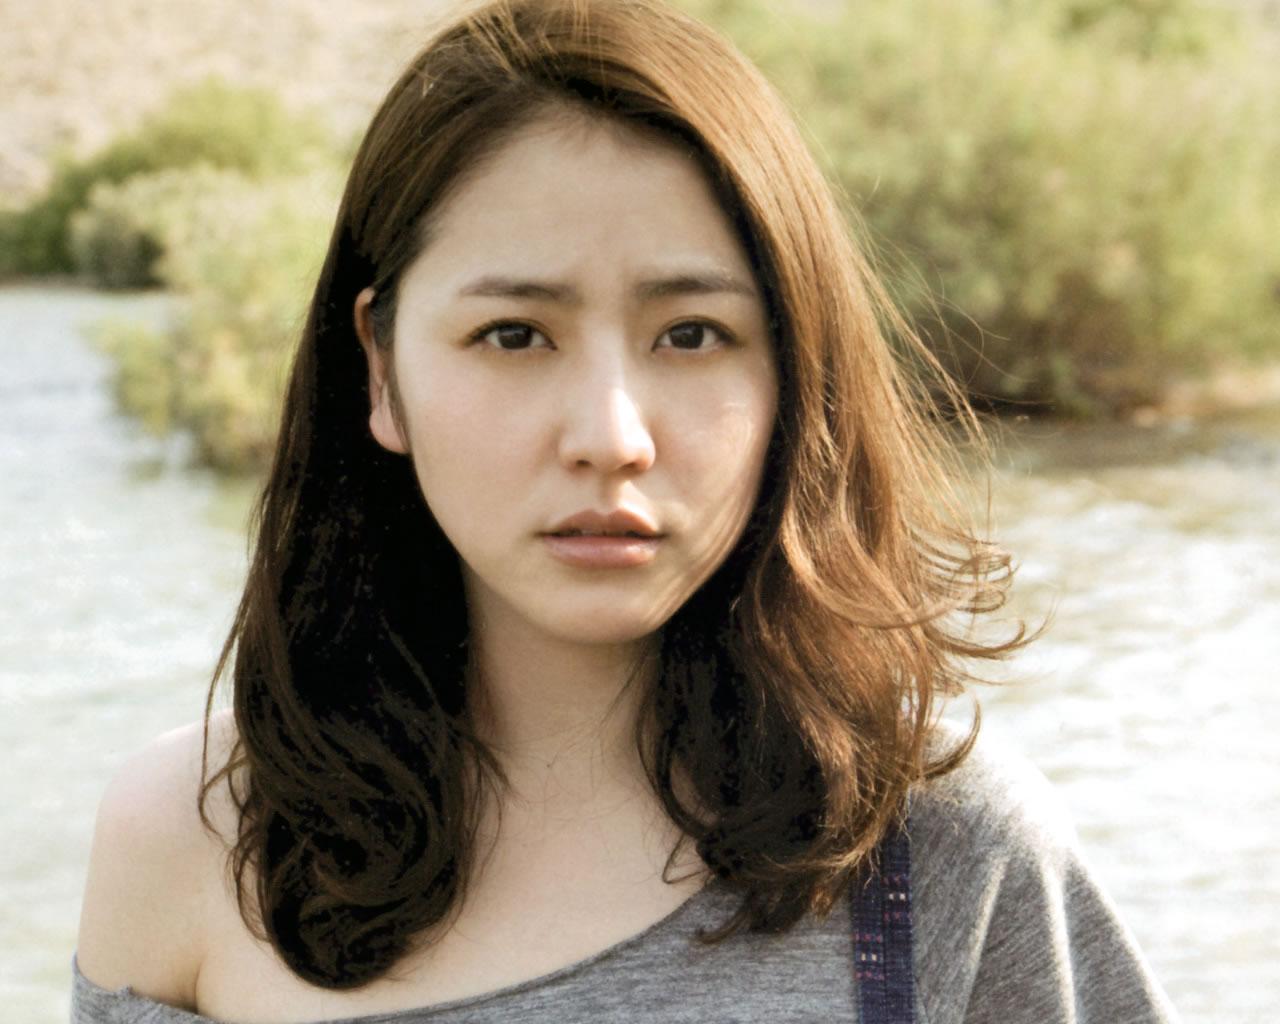 美脚女優長澤まさみ、憧れのスタイルをもつ彼女の父も有名人だった!?のサムネイル画像